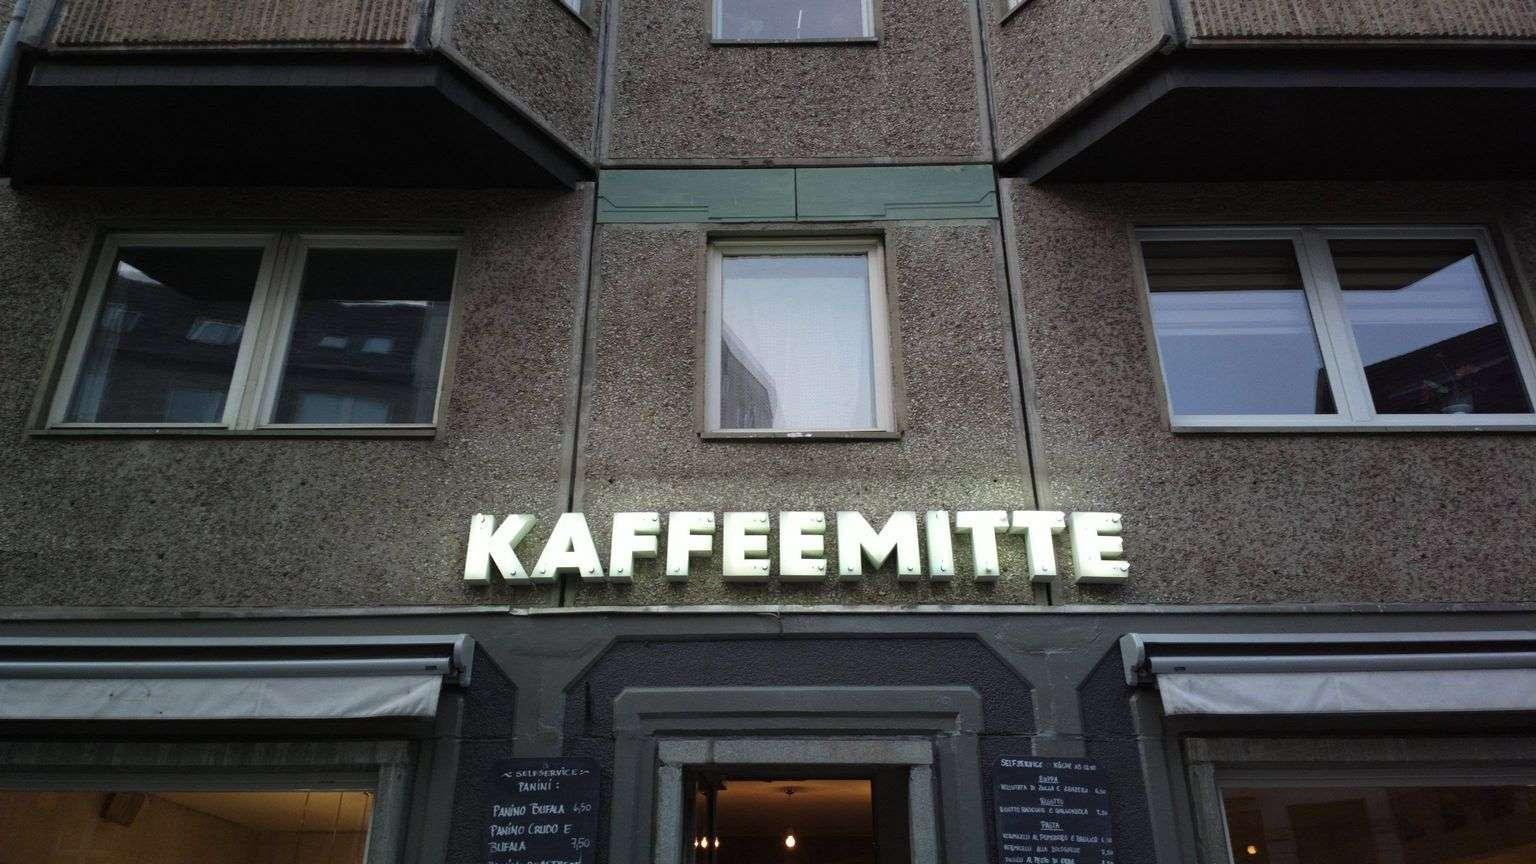 cafemitte